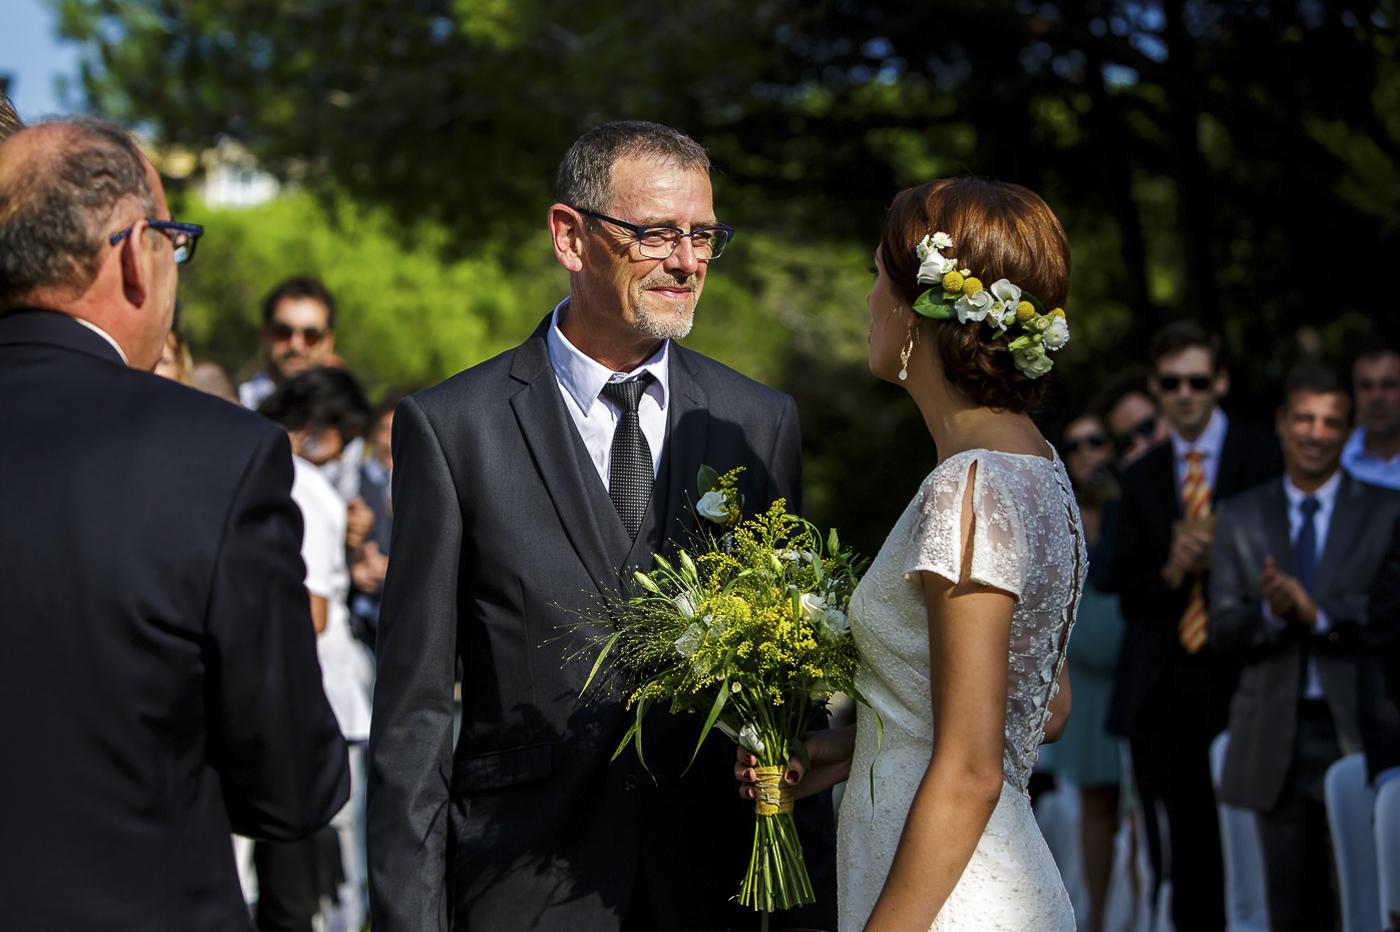 Arranjaments florals per a un casament fresc i mediterrani on vam realitzar la corona pel cap de la núvia, les agulles pel nuvi i el padrí, el ram de la núvia, els centres de taulai la decoració de les cadires de la cerimònia tot amb tons verds, grocs i blancs. Les flors que es van utilitzar van ser els crisantems blancs, lisianthus blancs i craspedies grogues. Vista de la núvia amb la corona i el bouquet amb el seu pare a la cerimònia.